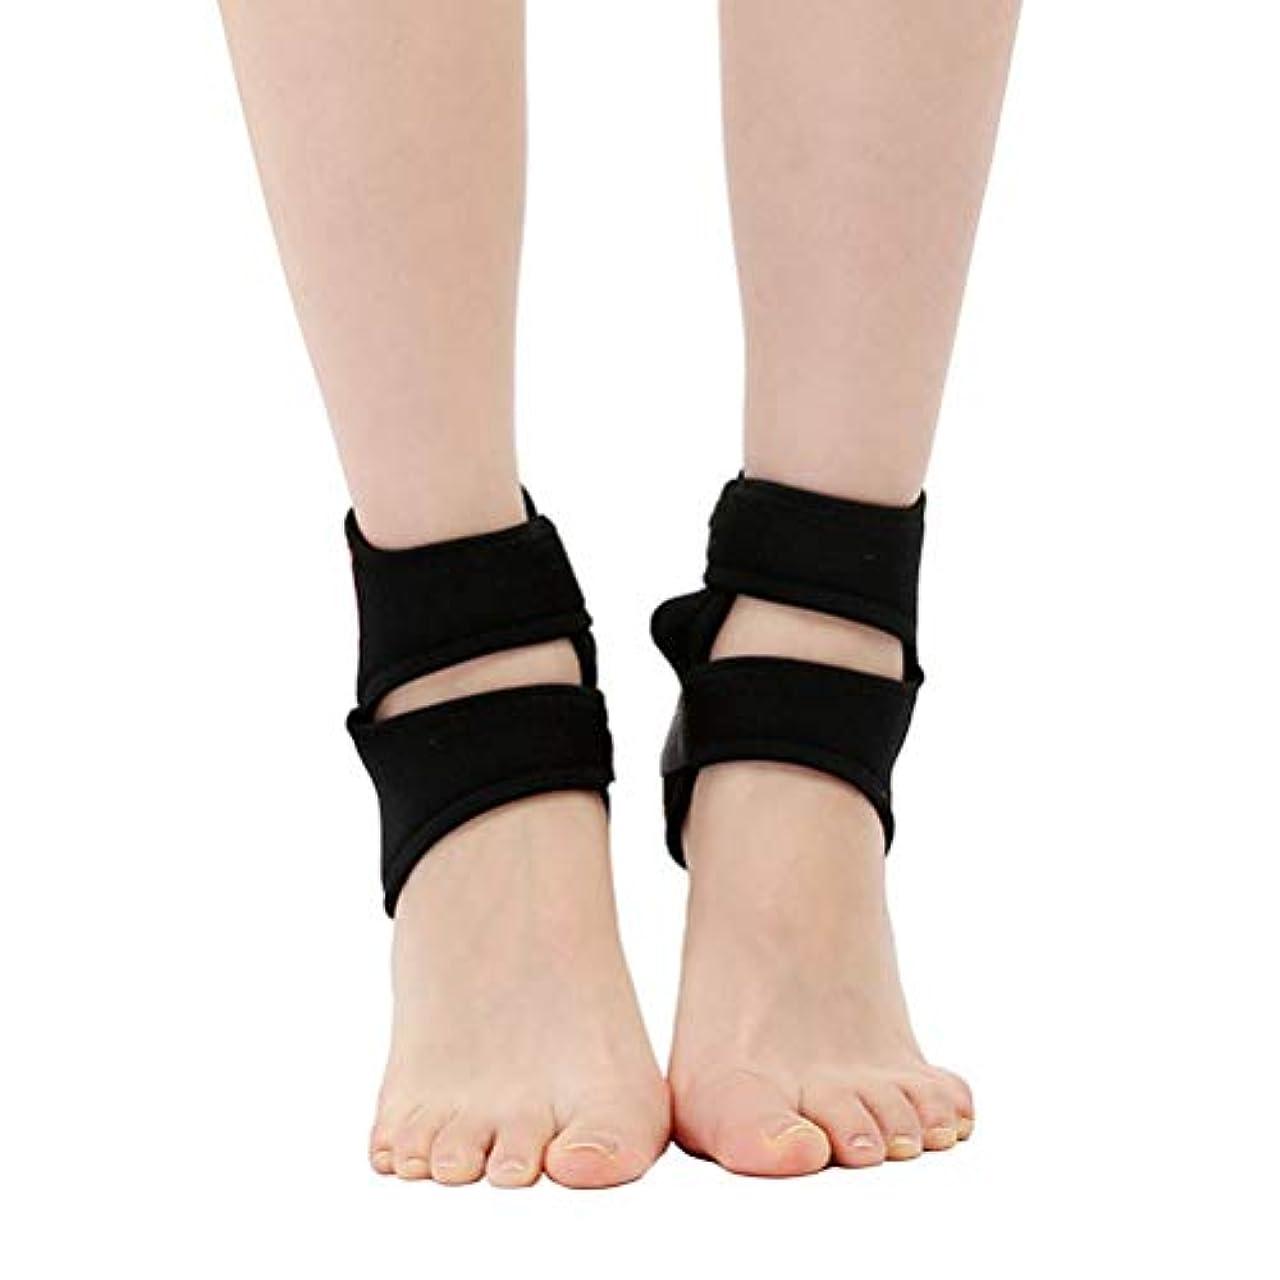 相関する死すべきに対応するHealifty 2Pcs調節可能な足首捻挫サポートストラップ足首保護ブレース用スポーツ保護